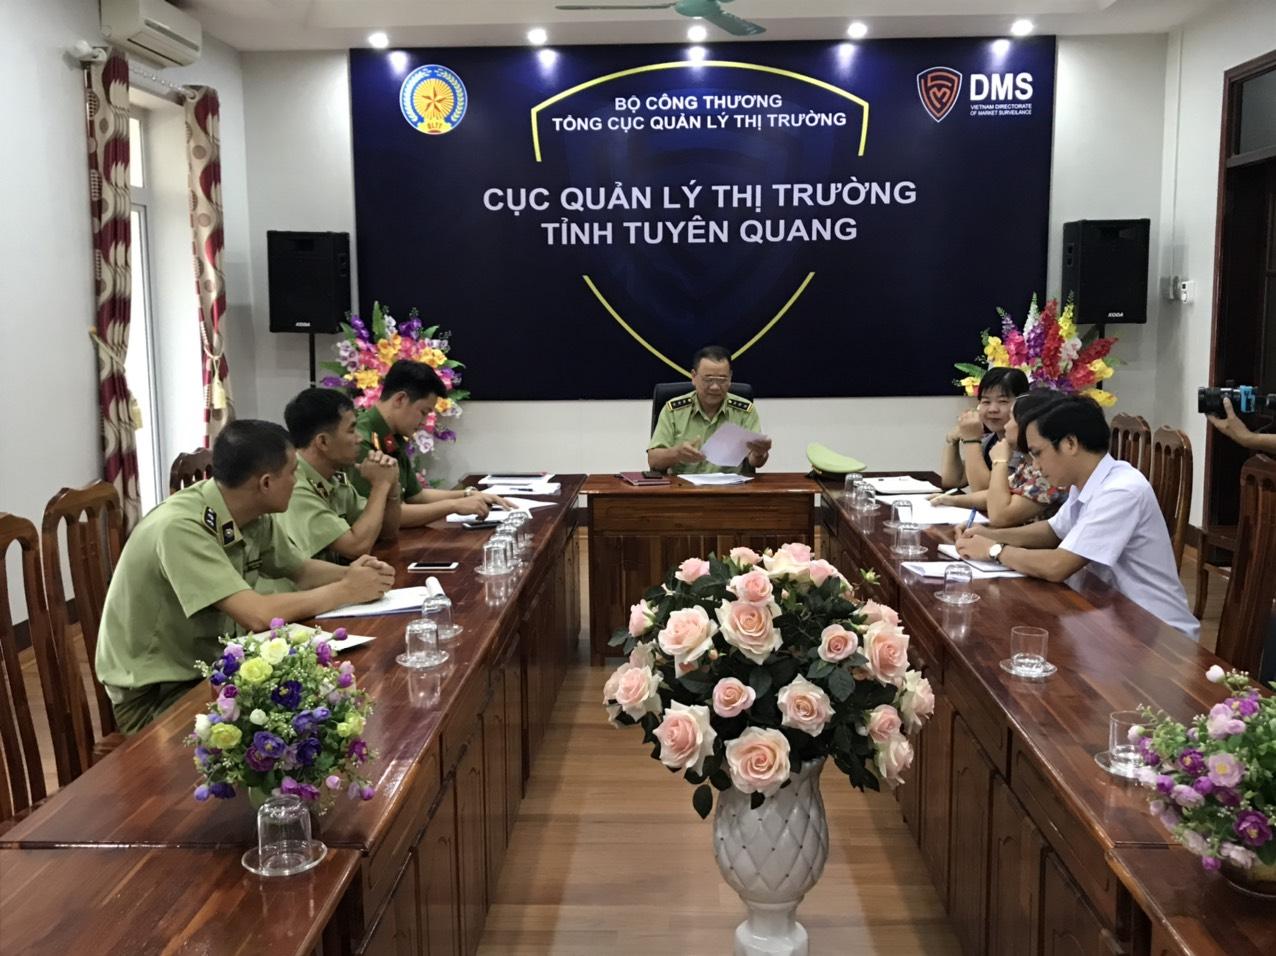 Đội Quản lý thị trường số 5 trực thuộc Cục Quản lý thị trường tỉnh Tuyên Quang, tổ chức tiêu hủy hàng hóa nhập lậu